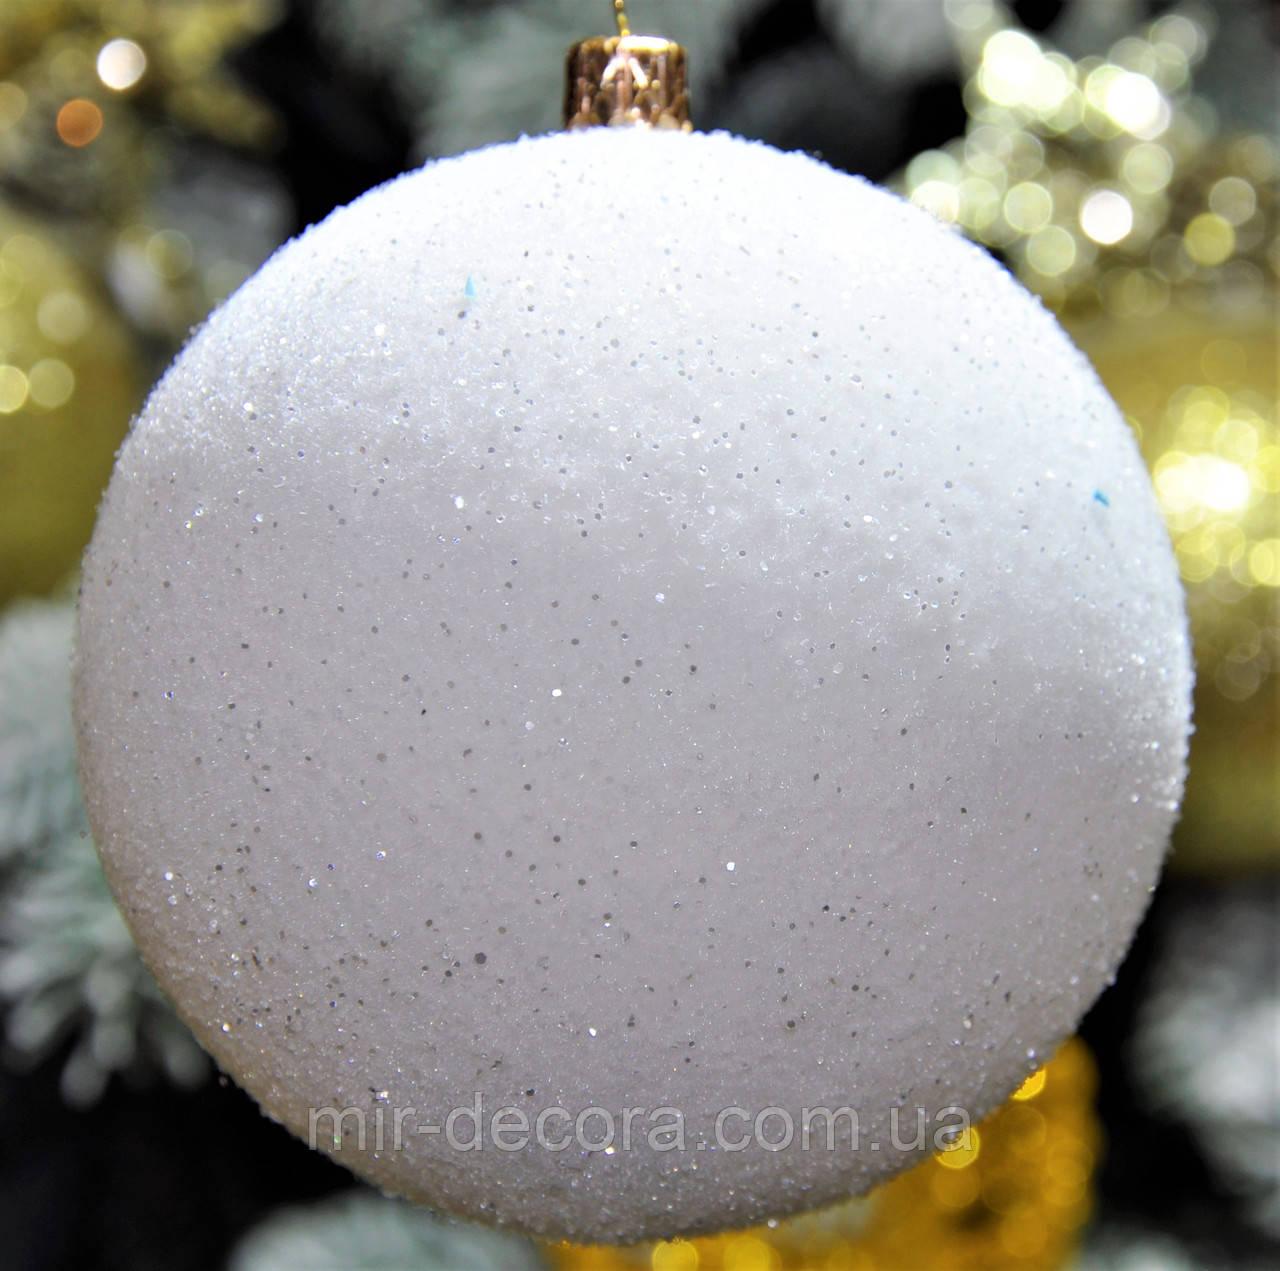 """Шары на елку в наборе """"Бархат белый"""" диаметр 100 мм (в уп. 3 шт.)"""